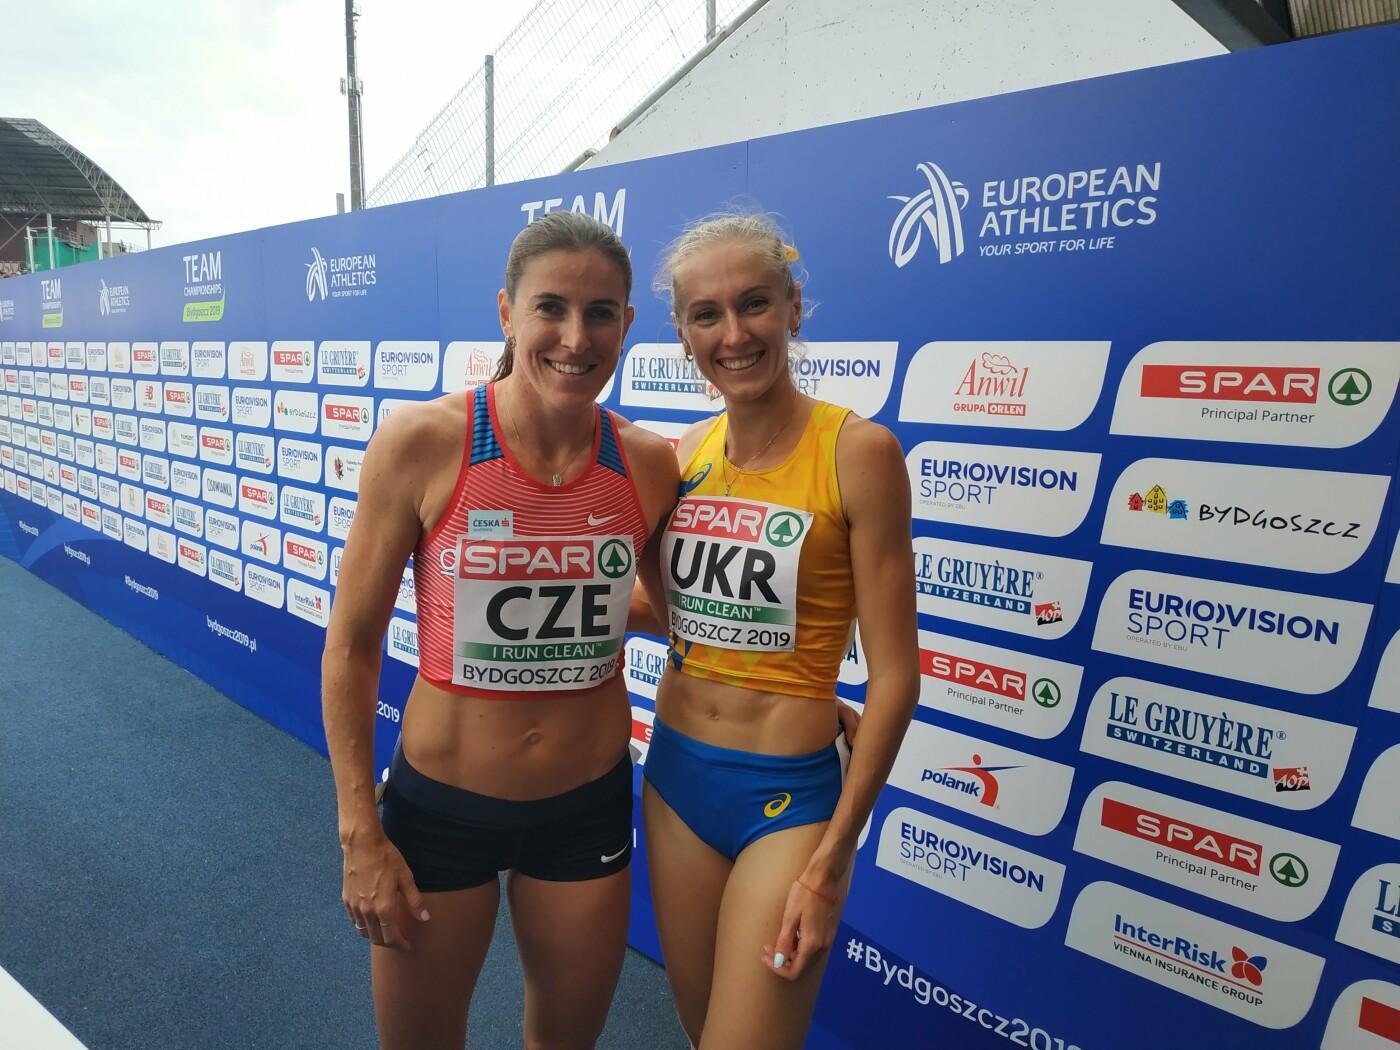 Каменчанка стала призером чемпионата Европы по легкой атлетике, фото-2